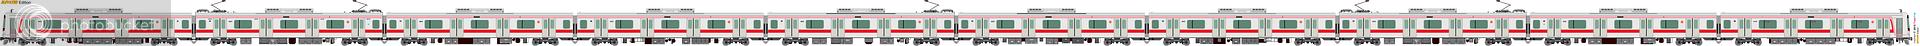 [5299] 東急電鉄 2299